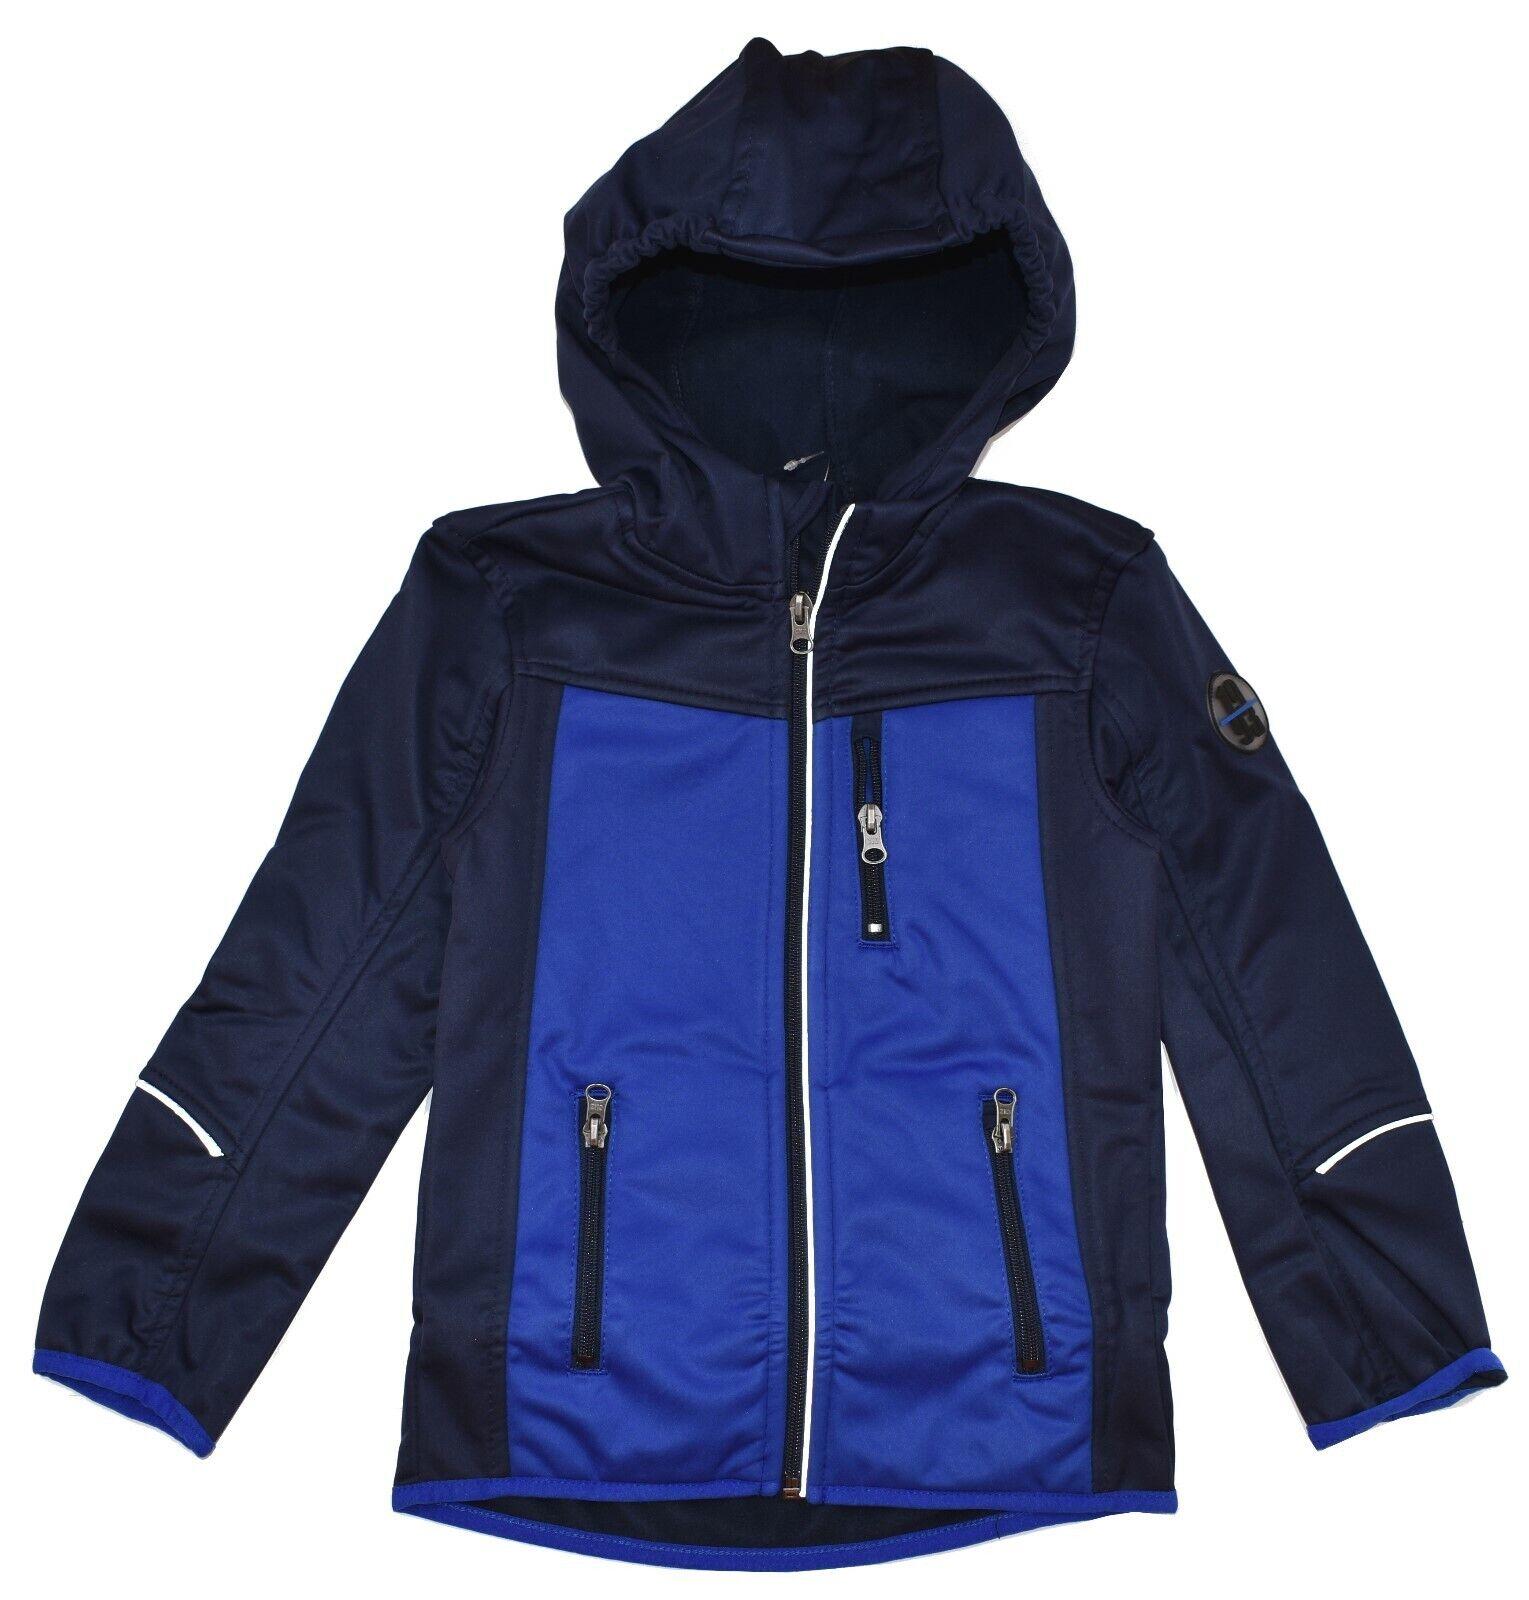 ACTIVE TOUCH Jungen Softshelljacke Jacke Regenjacke Windjacke Blau 116 128 152